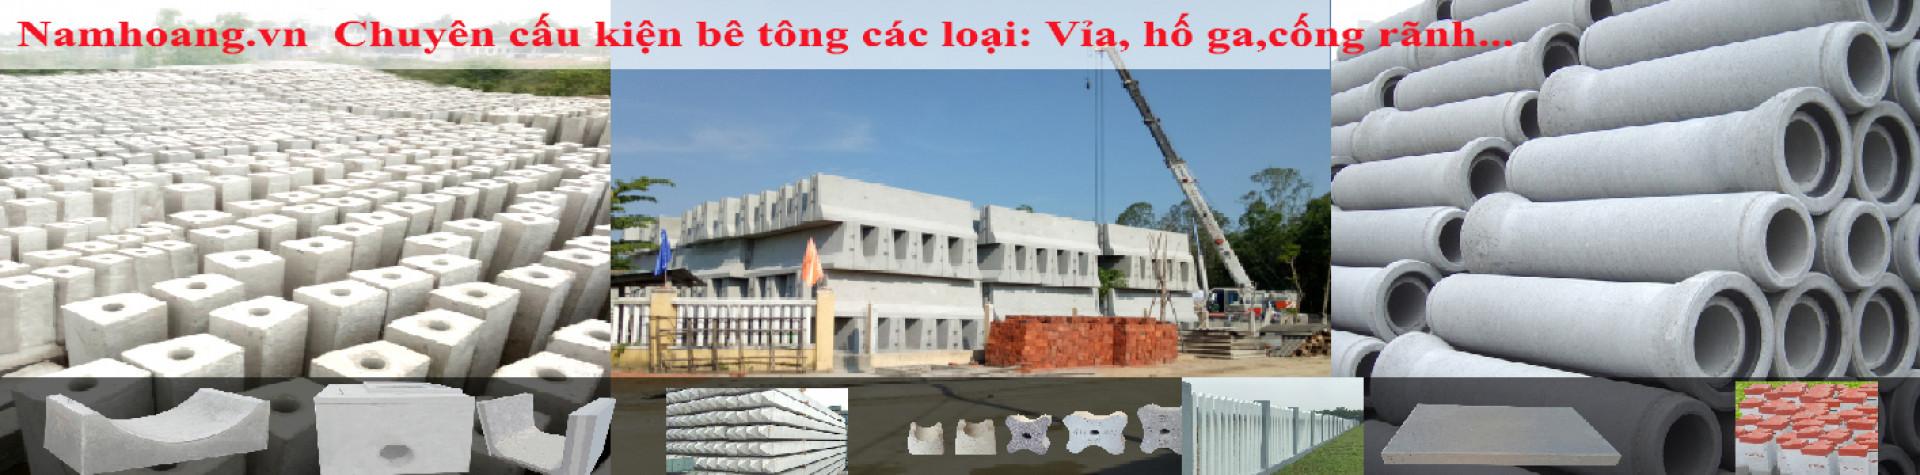 Tổng công ty Xây dựng Trường Sơn